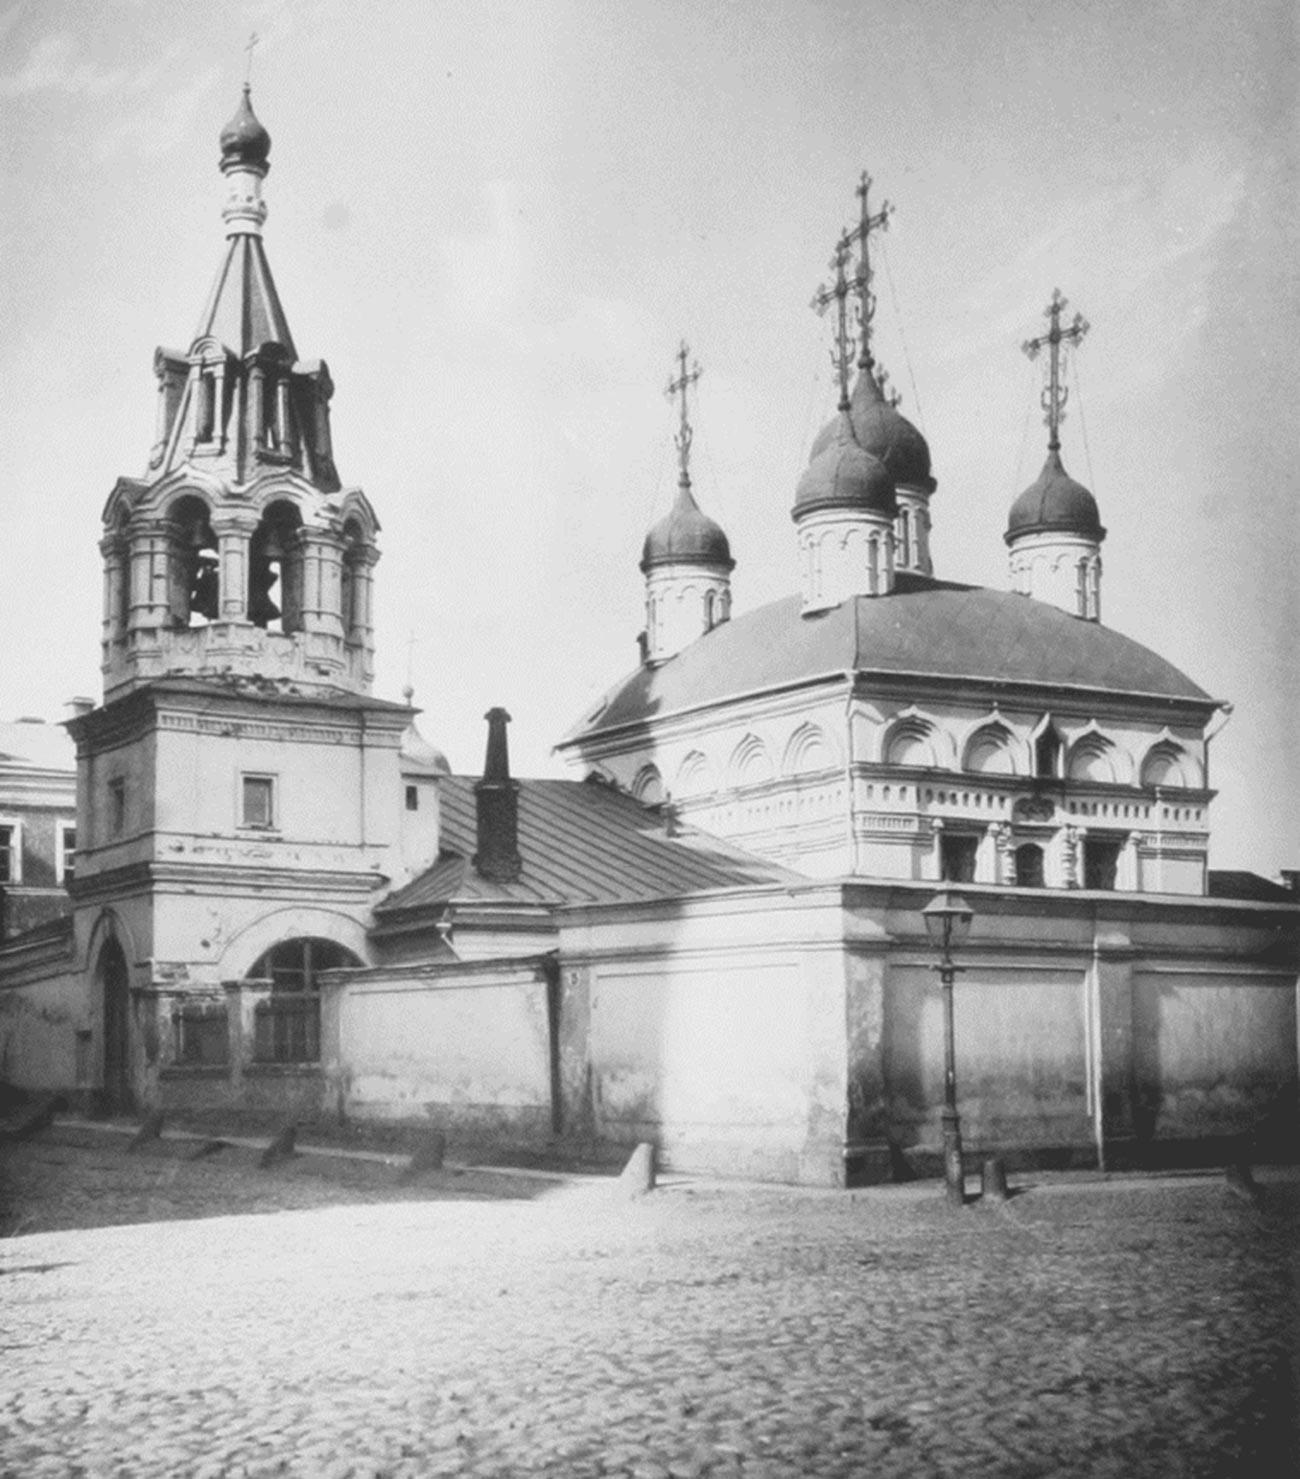 Црква Флора и Лавра (фотографија из албума Николаја Најдјонова, 1882).